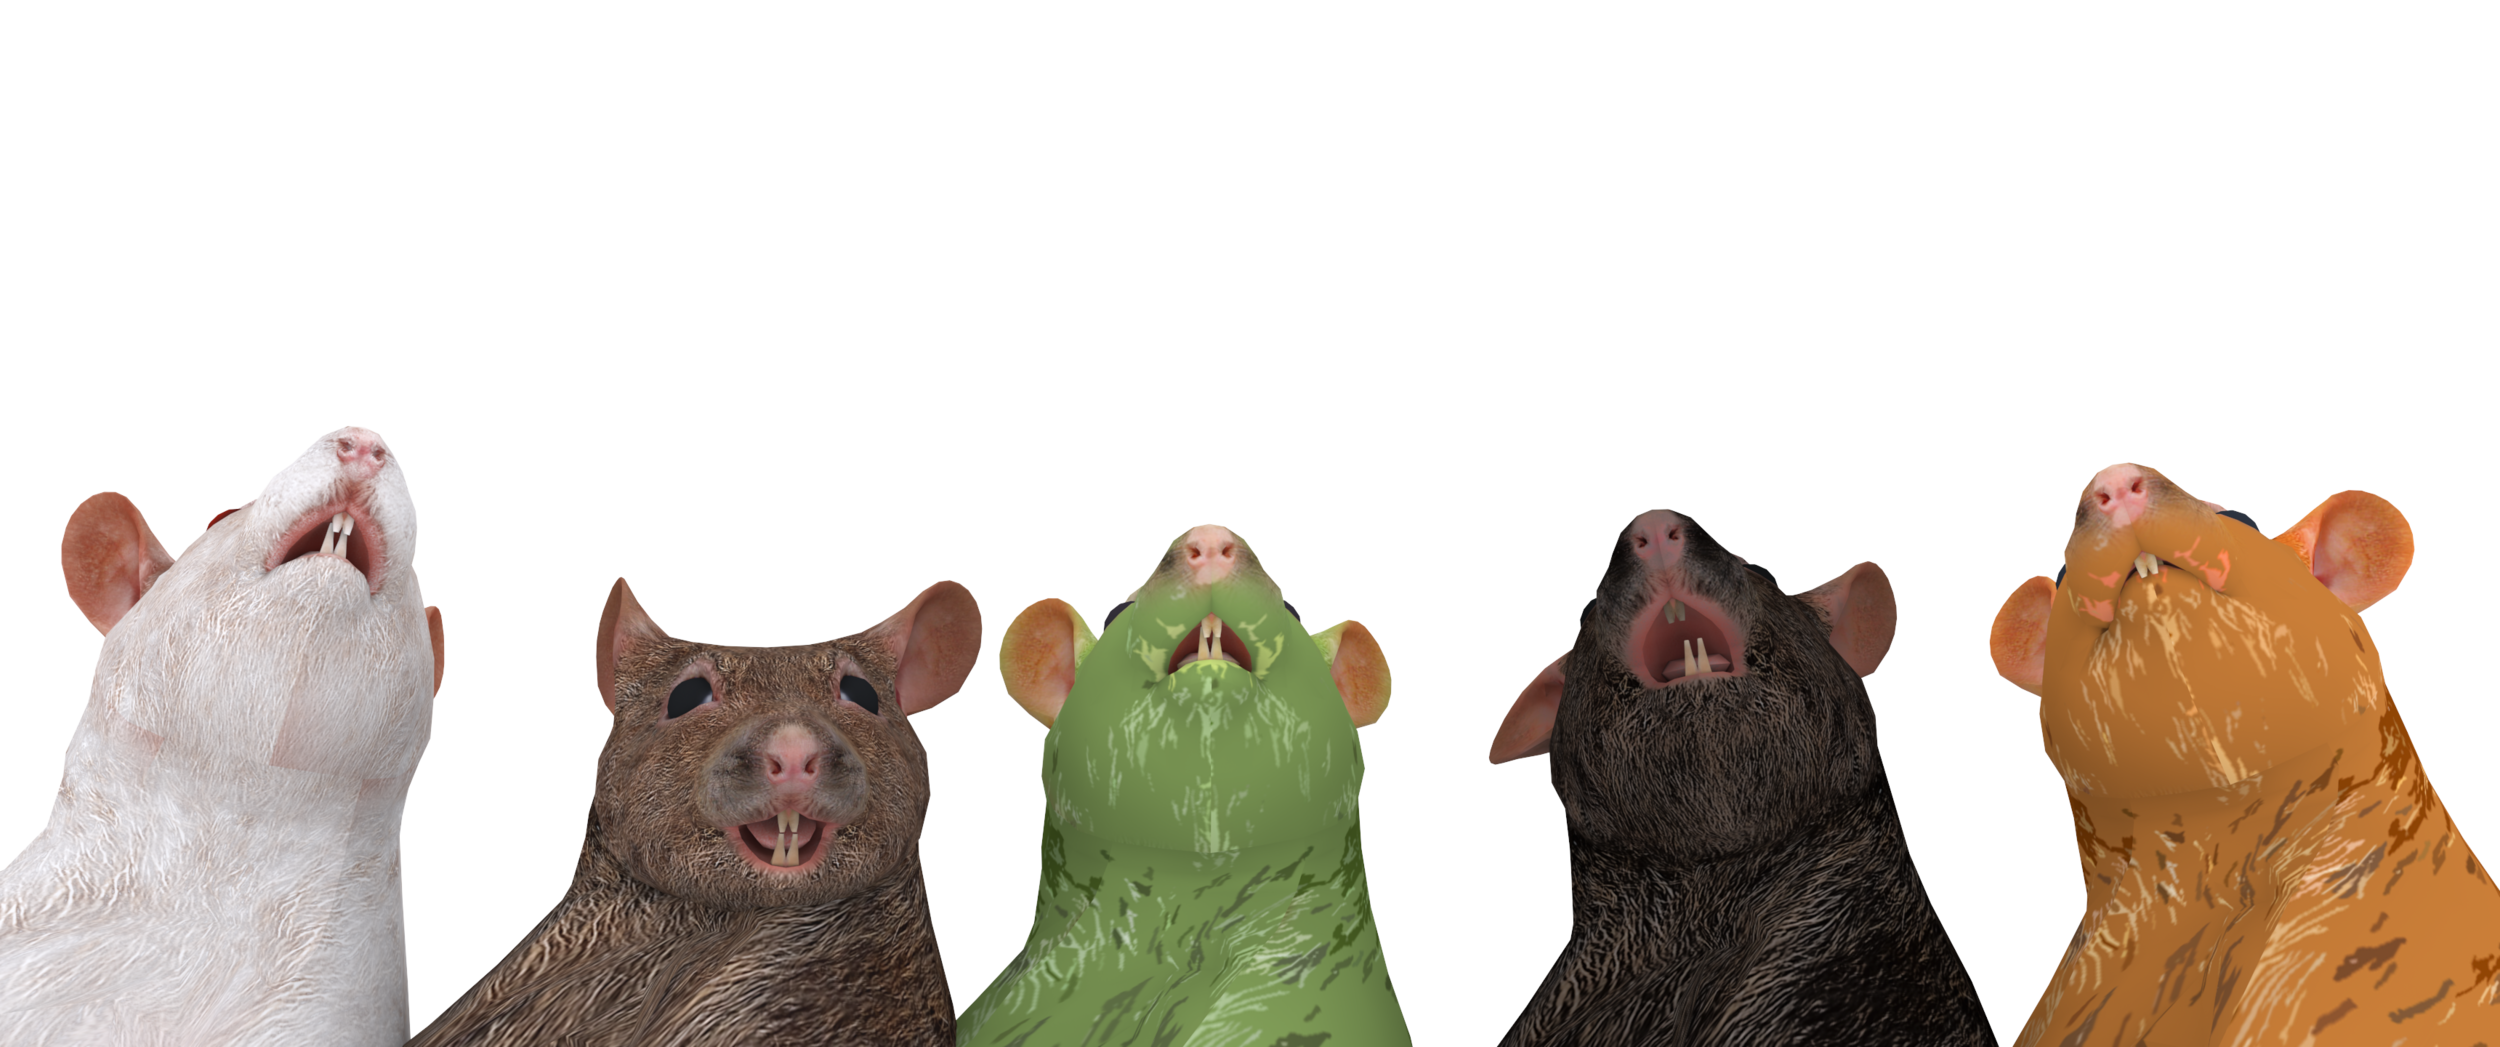 Rats.png